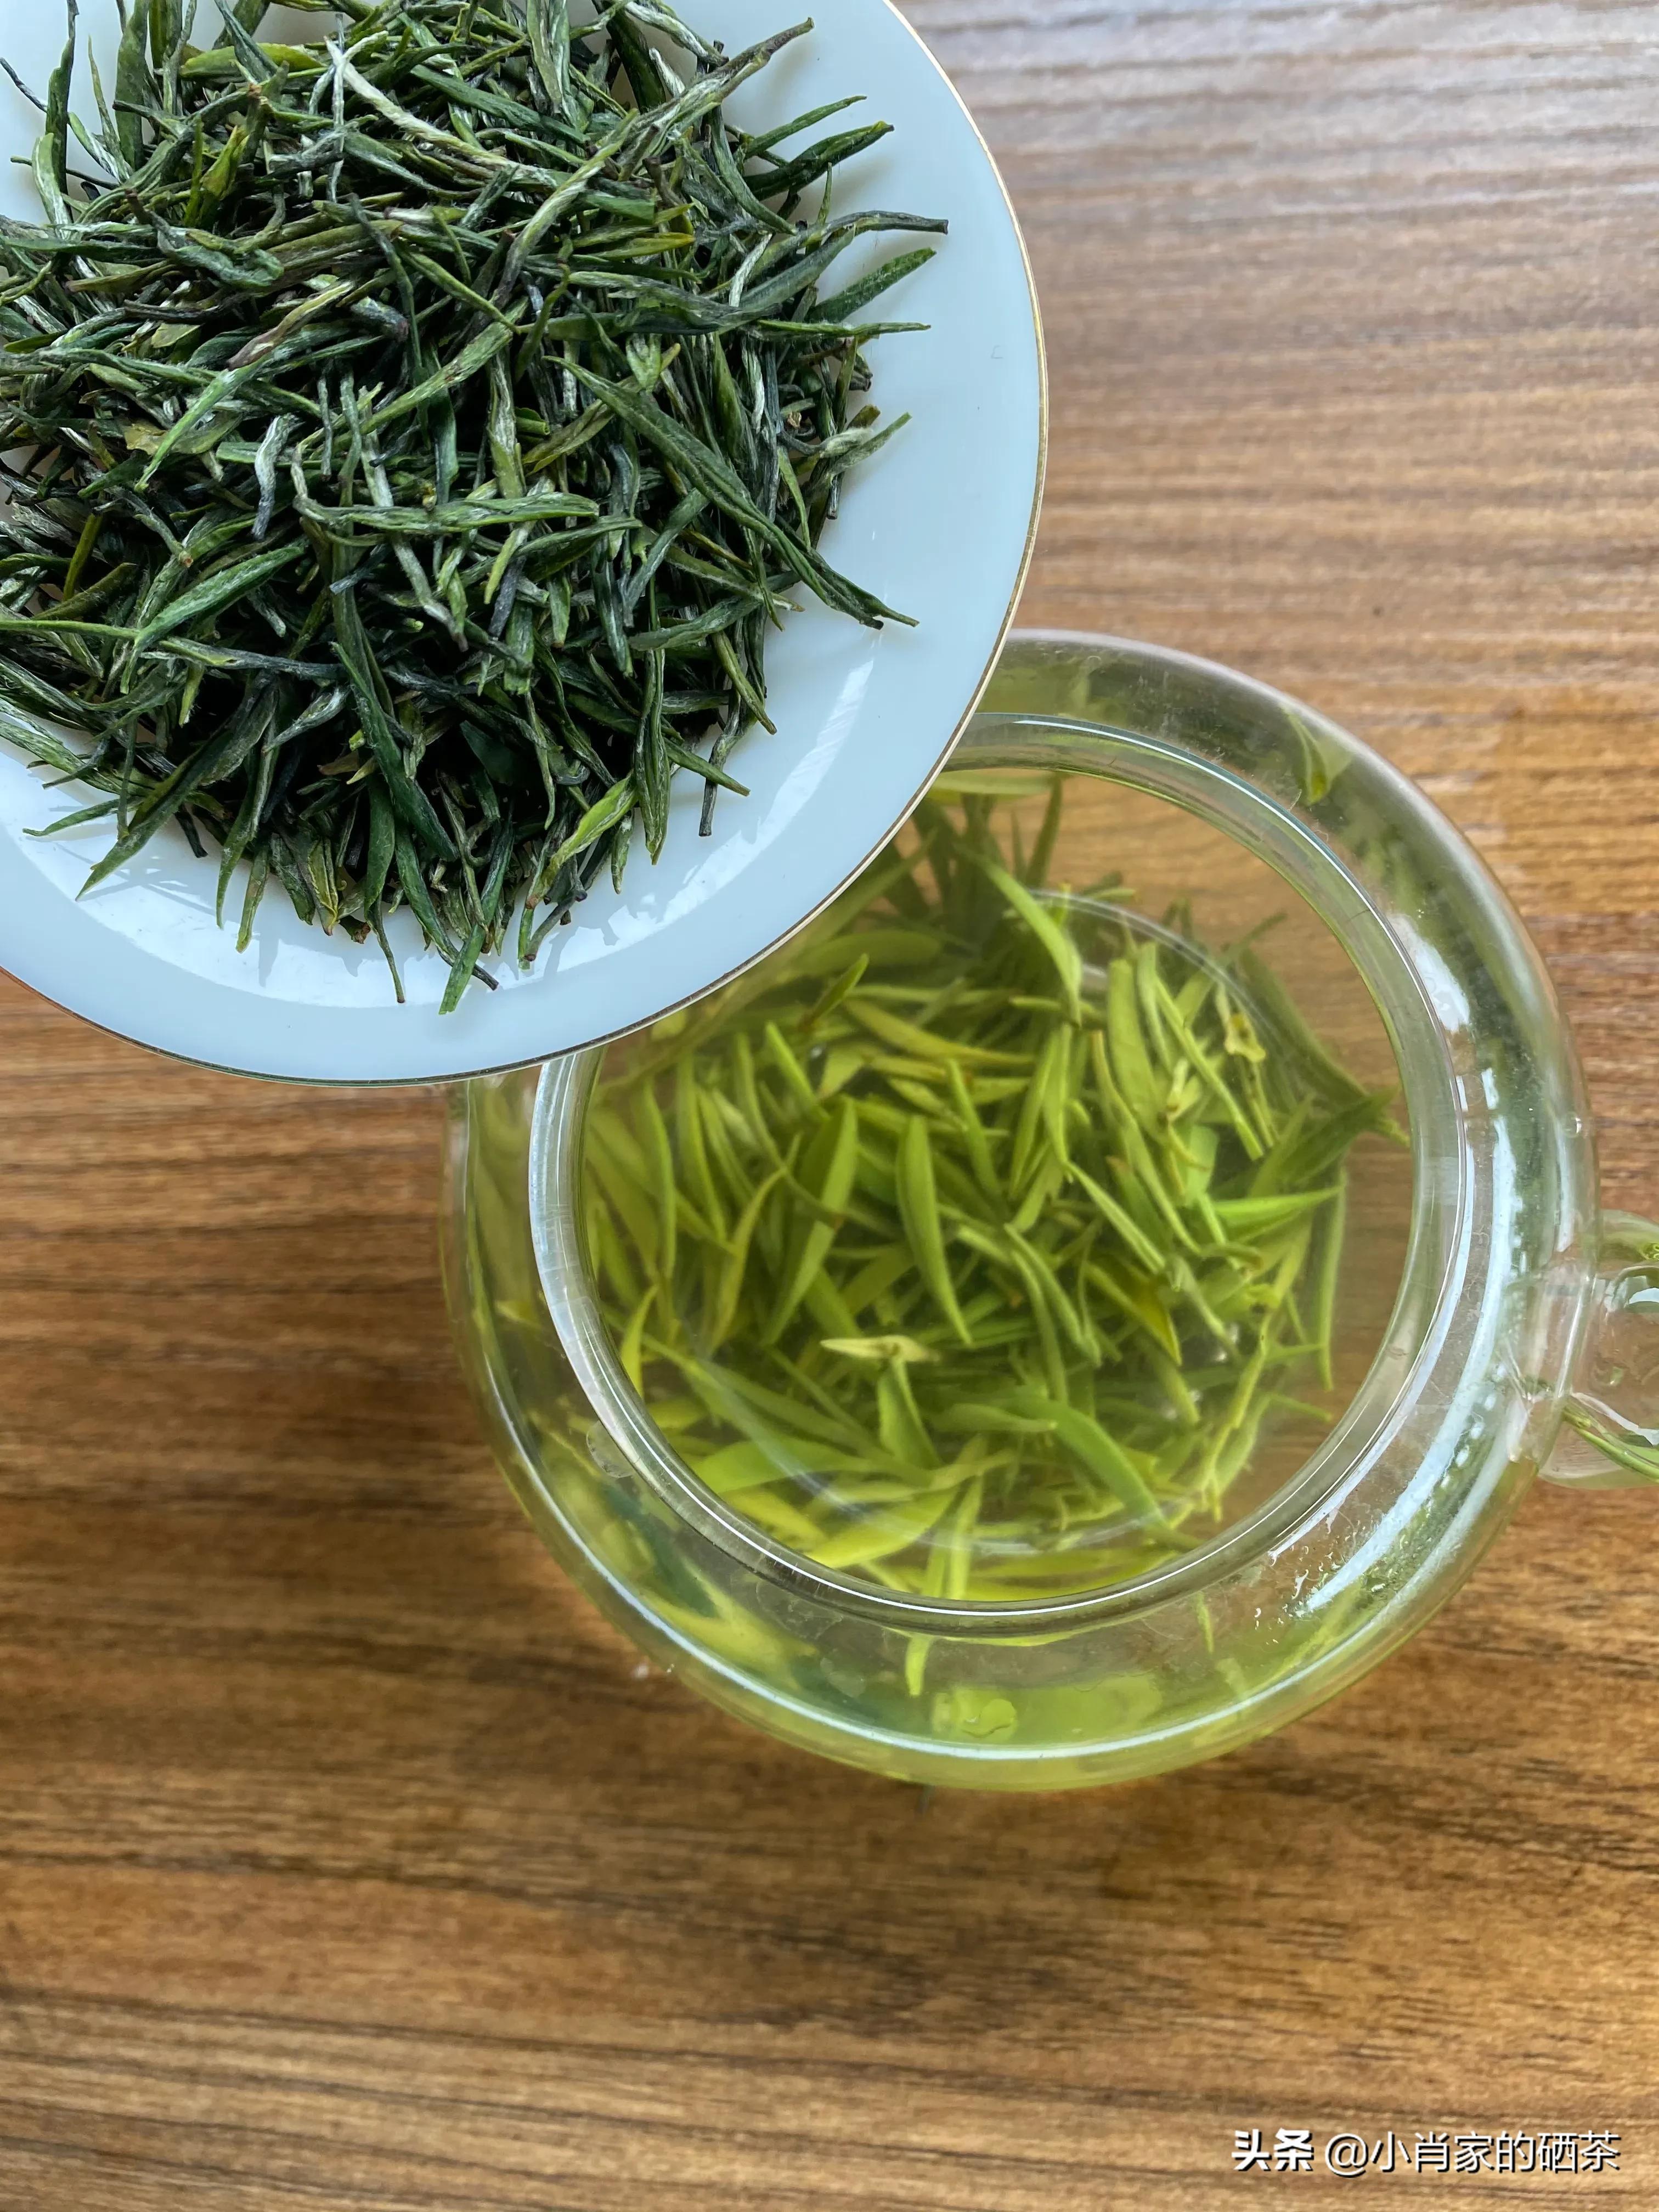 茶叶销售技巧和话术(茶叶销售话术开场白)